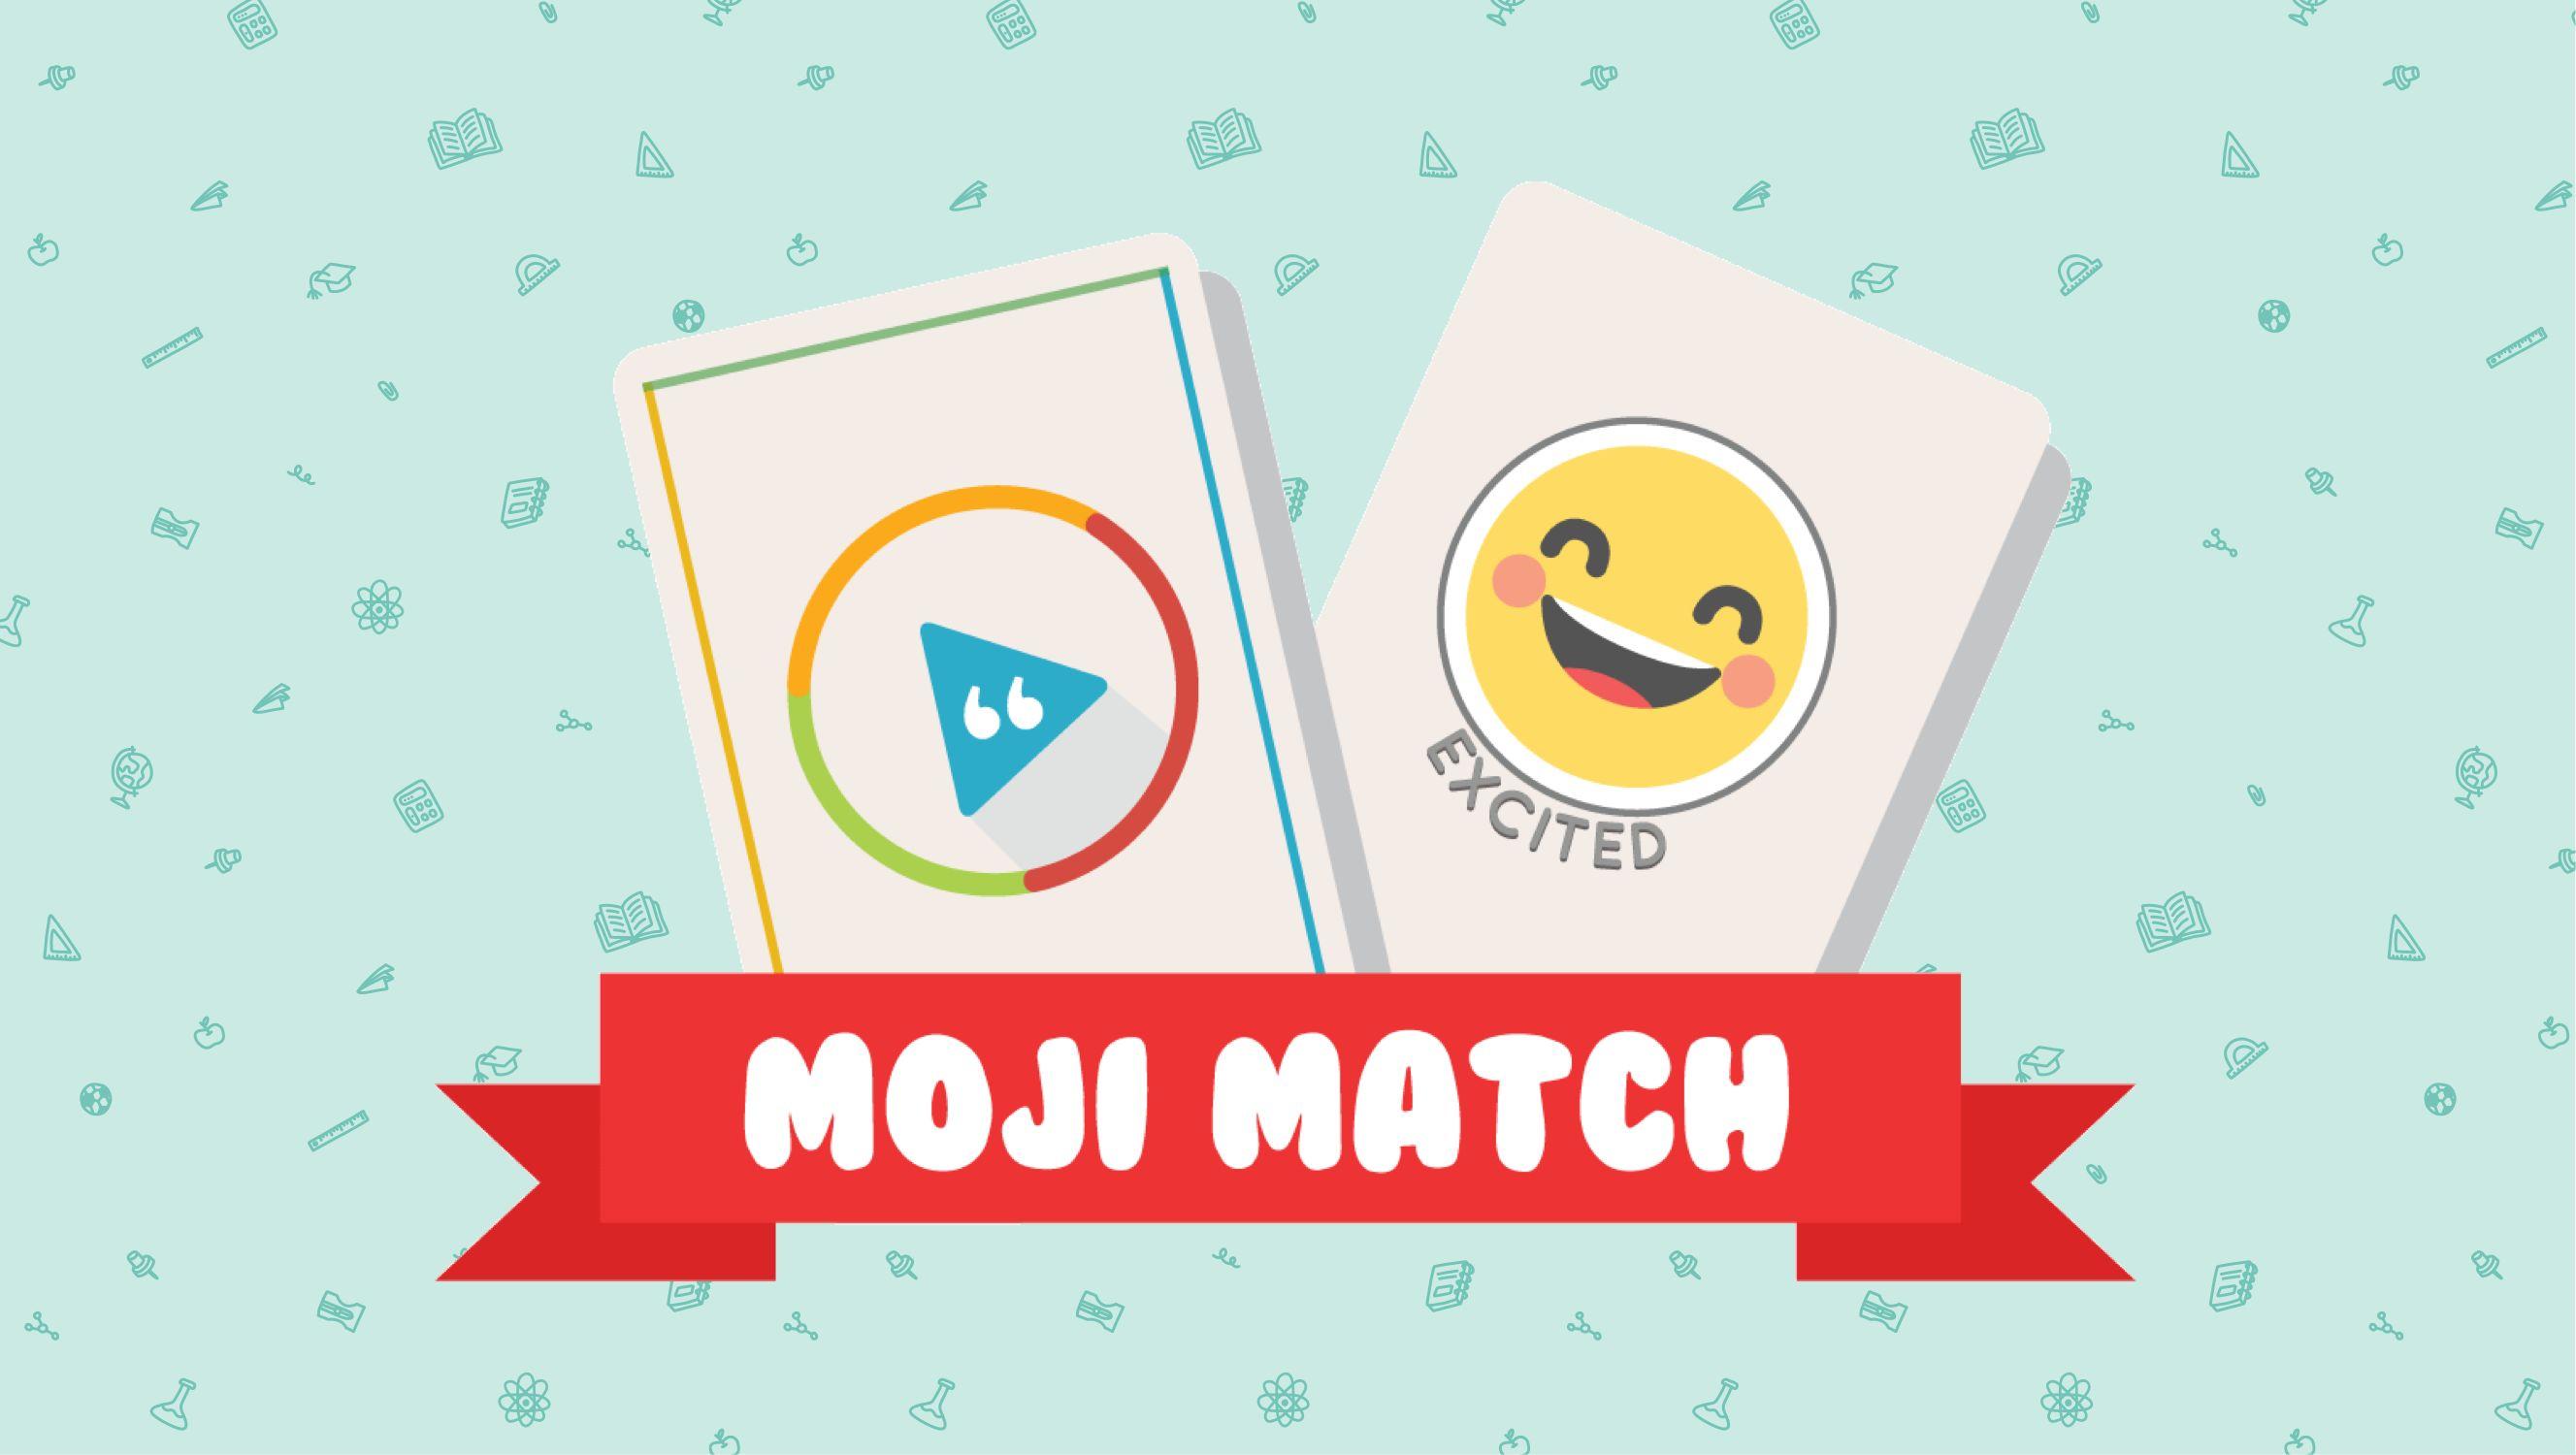 Flip N' Match: Moji Match